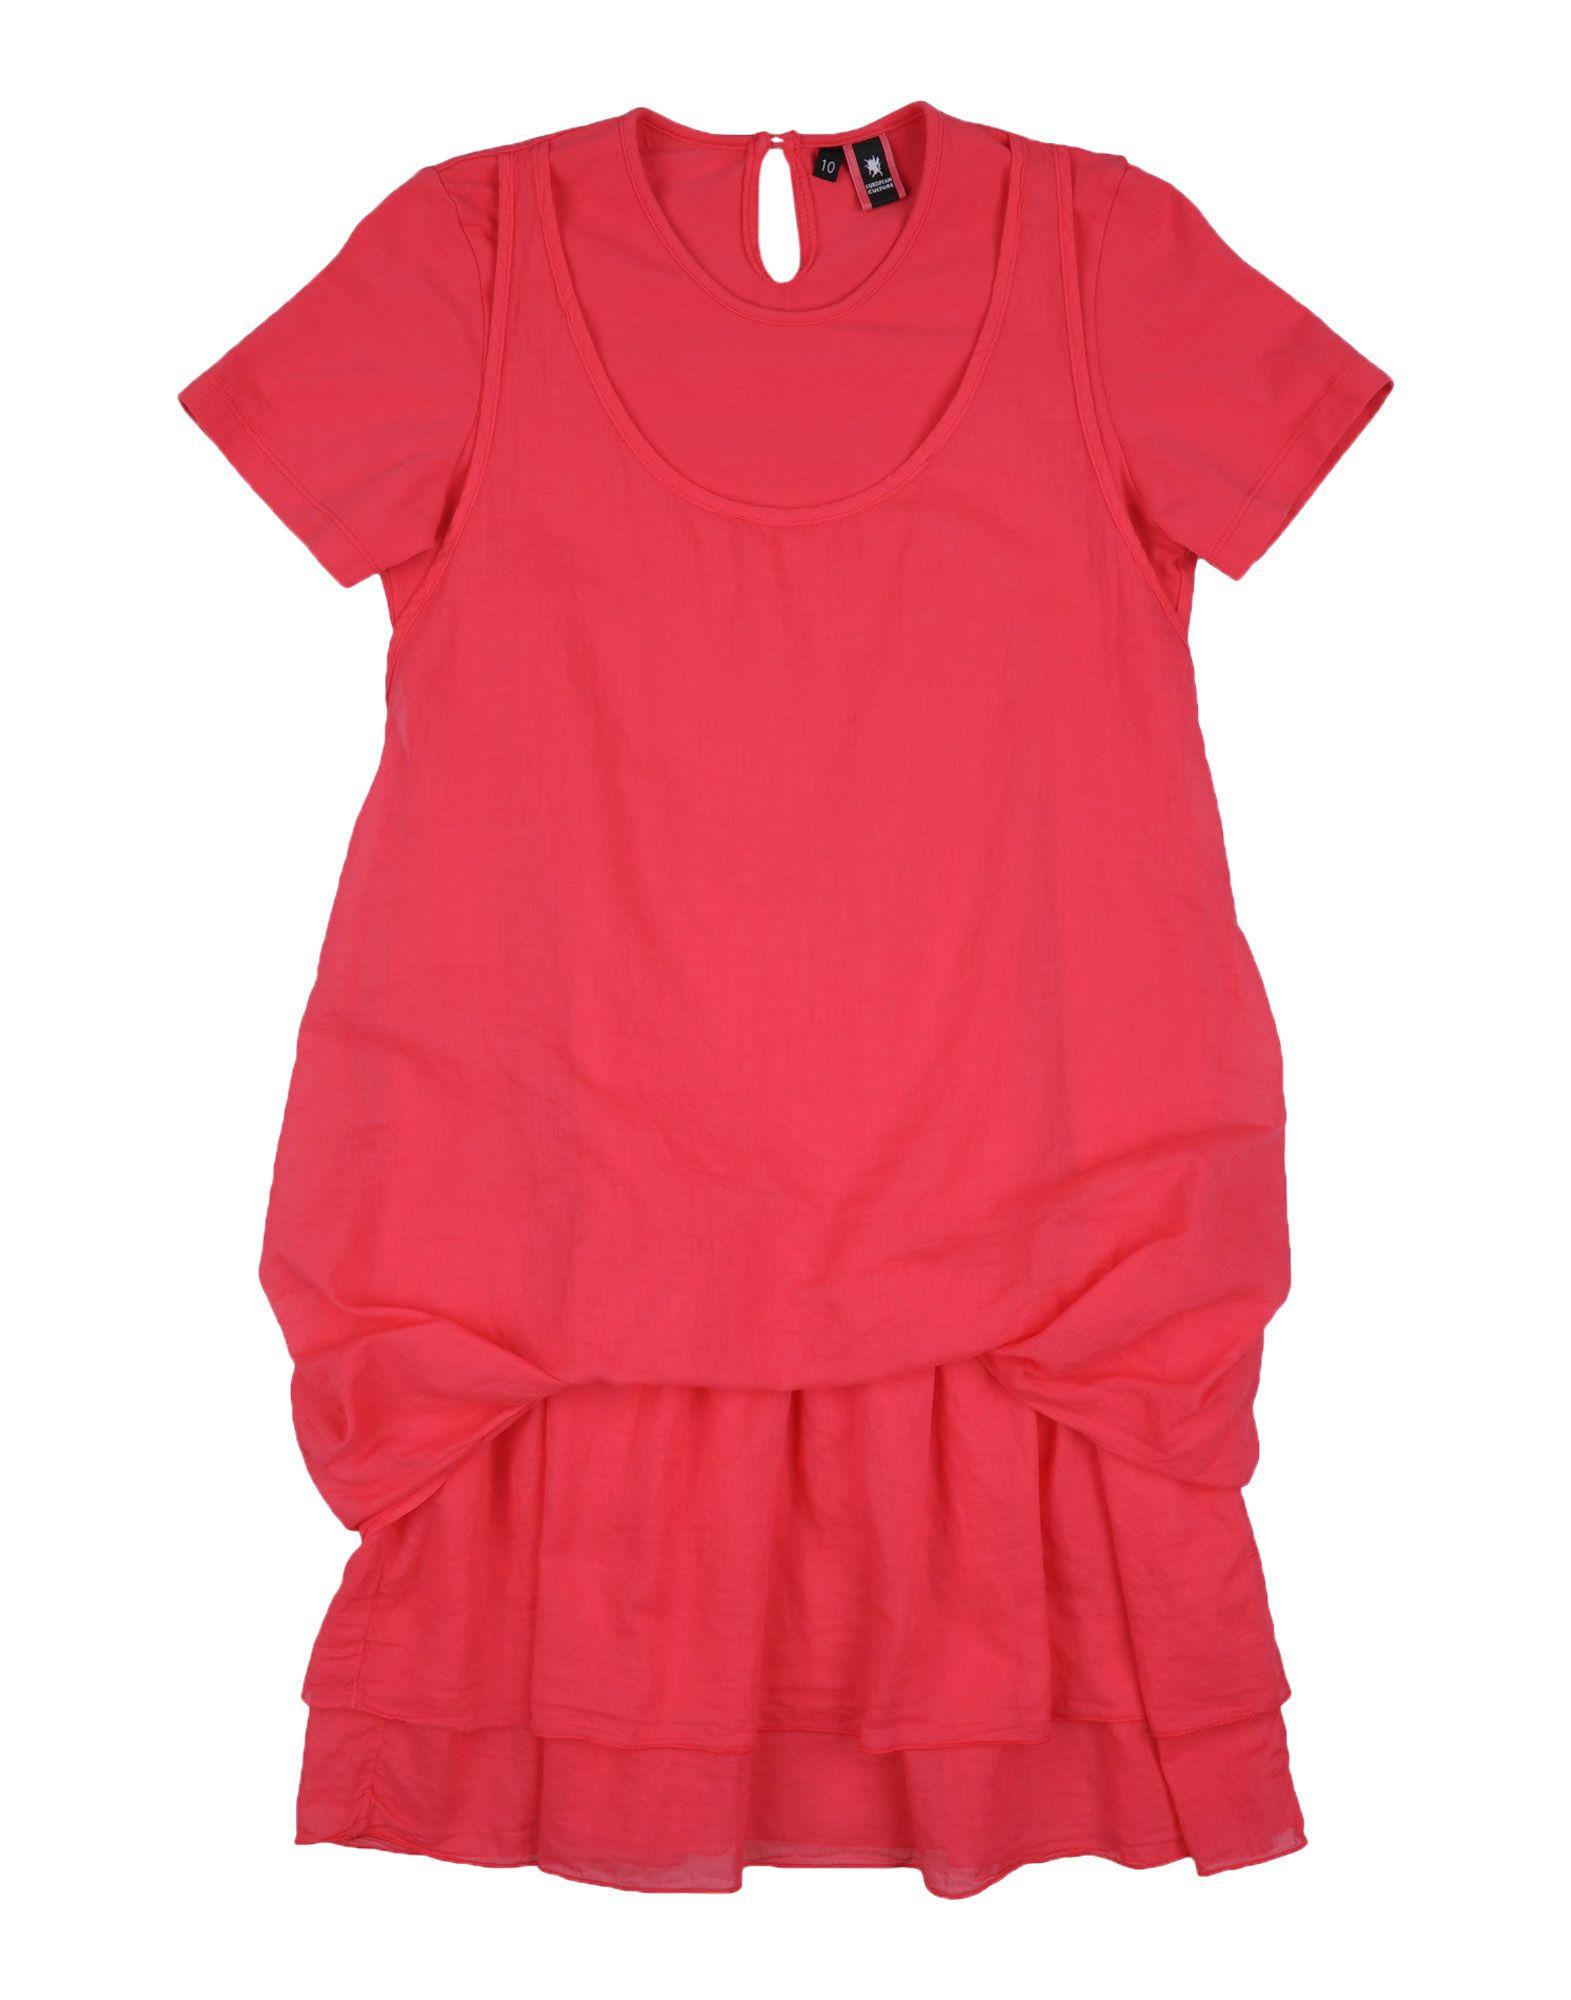 EUROPEAN CULTURE Mädchen 9-16 jahre Kleid Farbe Koralle Größe 4